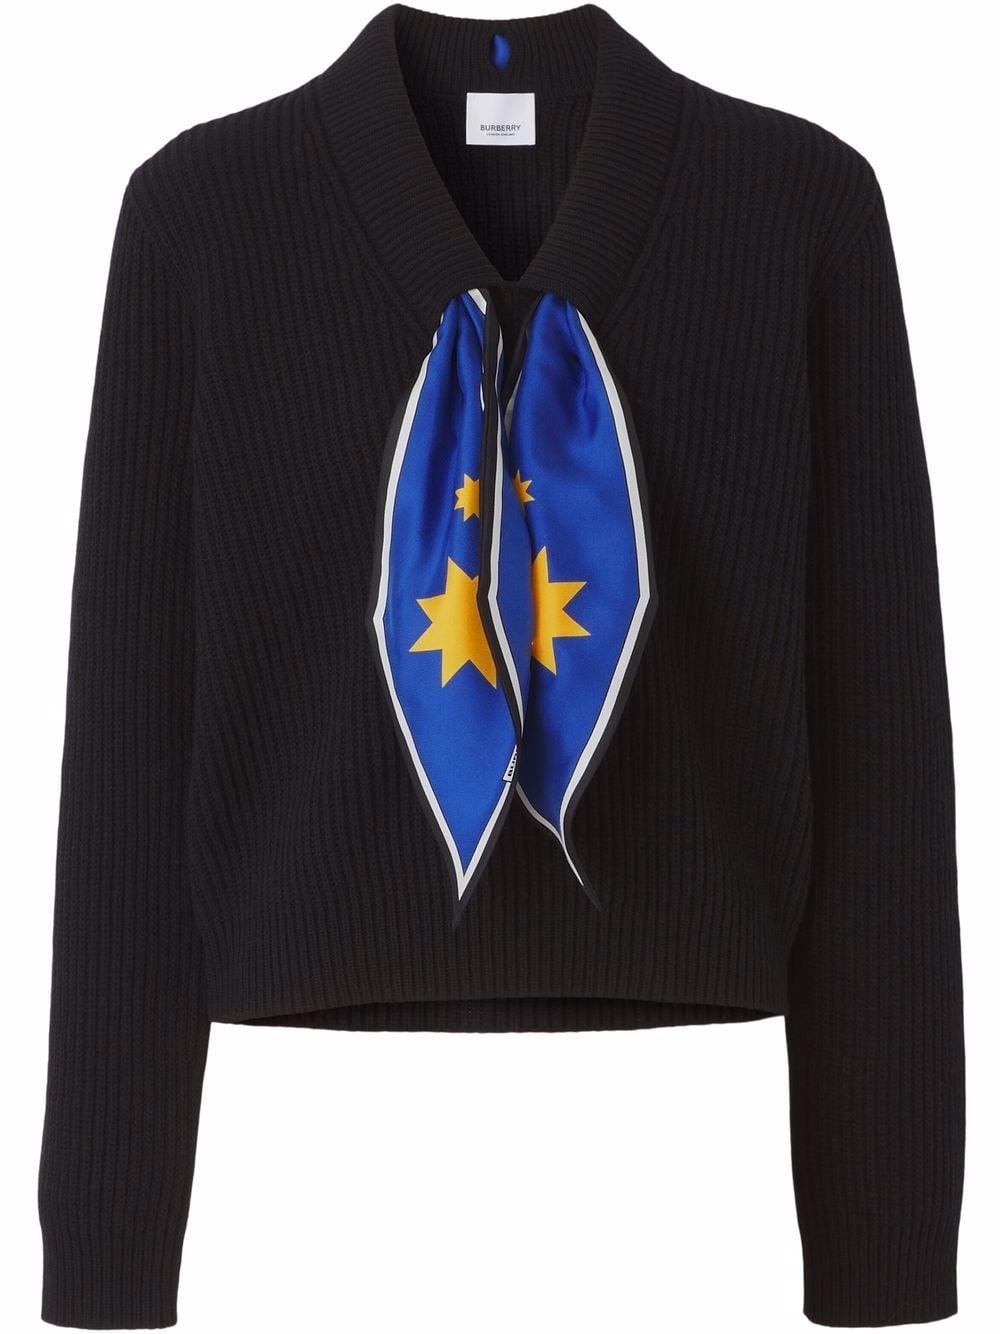 Burberry Pullover mit Schaldetail - Schwarz